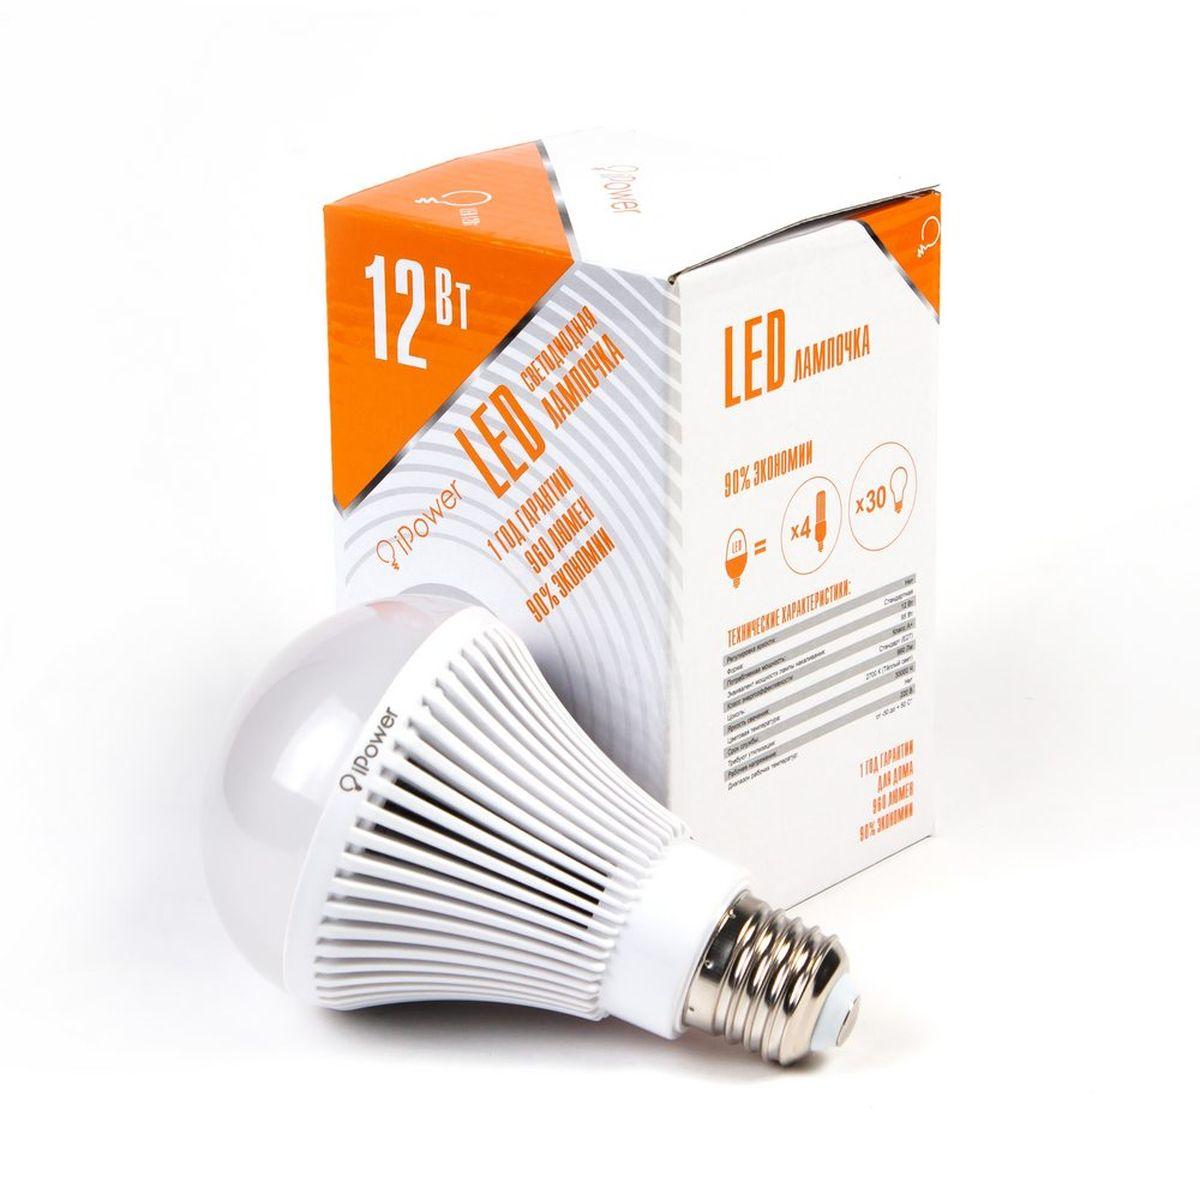 Лампа светодиодная IPower LED, цоколь Е27, 12W, 2700К теплый светC0044702Светодиодная лампочка iPower IPHB12W2700KE27LED лампочка iPower имеет очень низкое энергопотребление, в сравнении с лампами накаливания LED потребляет в 12 раз меньше электричества, а в сравнении с энергосберегающими в 2-4 раз меньше. При этом срок службы LED лампочки в 5 раз выше, чем энергосберегающей, и в 50 раз выше, чем у лампы накаливания. Светодиодные лампочки iPower создают мягкий рассеивающий свет без мерцаний, что совершенно безопасно для глаз. Они специально разработаны по требованиям российских и европейских законов и подходят ко всем осветительным устройствам, совместимым со стандартным цоколем E27.Габариты 45x45x15.5Гарантия 12 мес.Диапазон рабочих температур от -50 до +50 °СМатериал Алюминий, поликарбонатПартНомер ZGB-QP80WS-12 2700KПотребляемая мощность 12 ВтРабочее напряжение, В 220ВРазмер 80*135 ммРегулировка яркости НетСветовая температура 2700К (Тёплый свет)Срок службы 30000 часовТип упаковки Цветная коробкаФорма СтандартЦвет БелыйЦоколь Стандарт (E27)Эквивалент мощности 95 Вт лампы накаливанияЯркость свечения 960 люменАртикул 1001954Производитель iPower